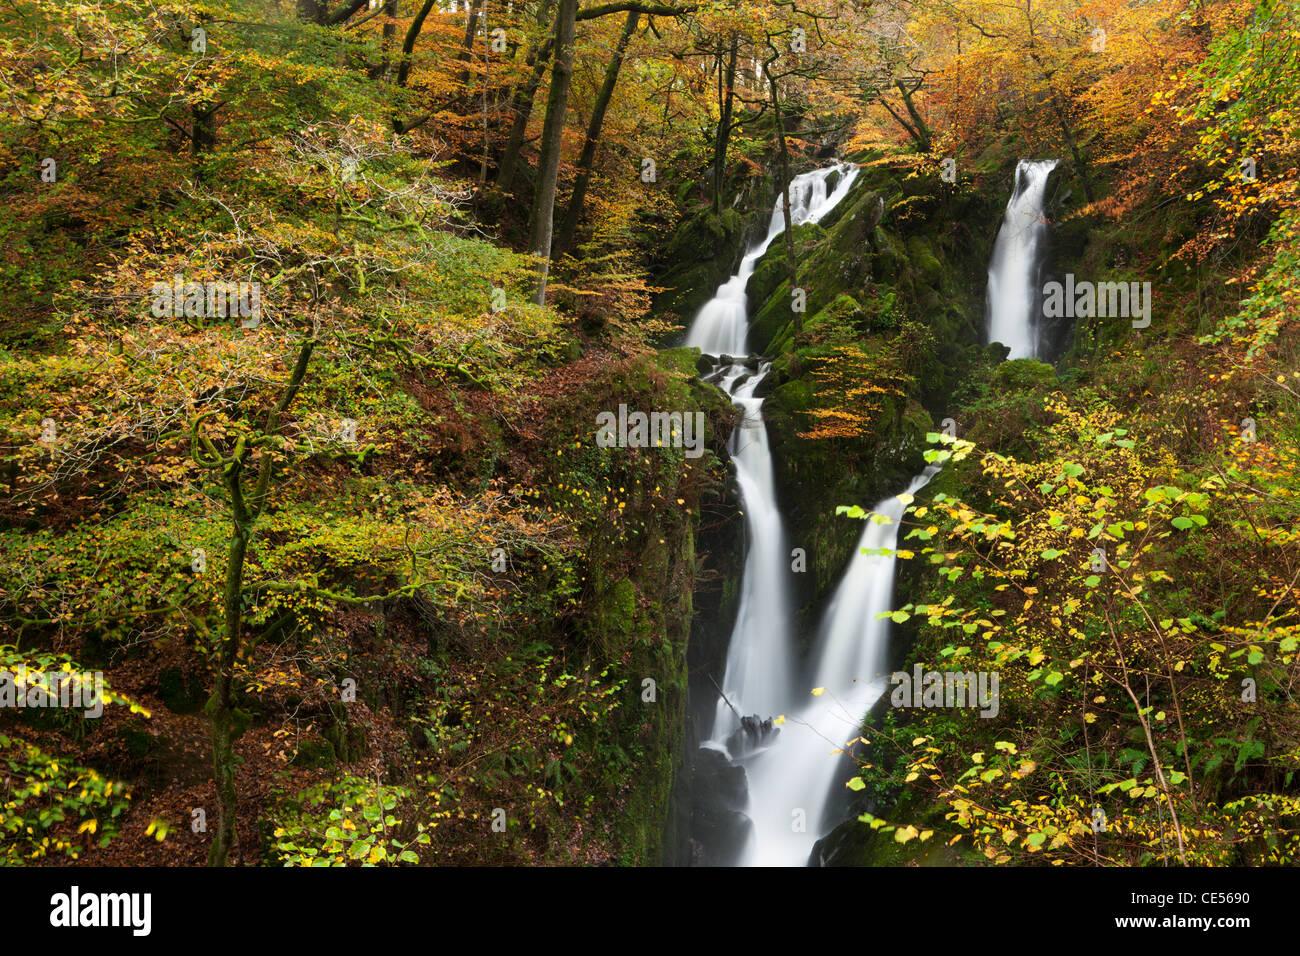 Stock fuerza Ghyll catarata rodeada de follaje de otoño, Ambleside, Lake District, Cumbria, Inglaterra. Otoño Imagen De Stock